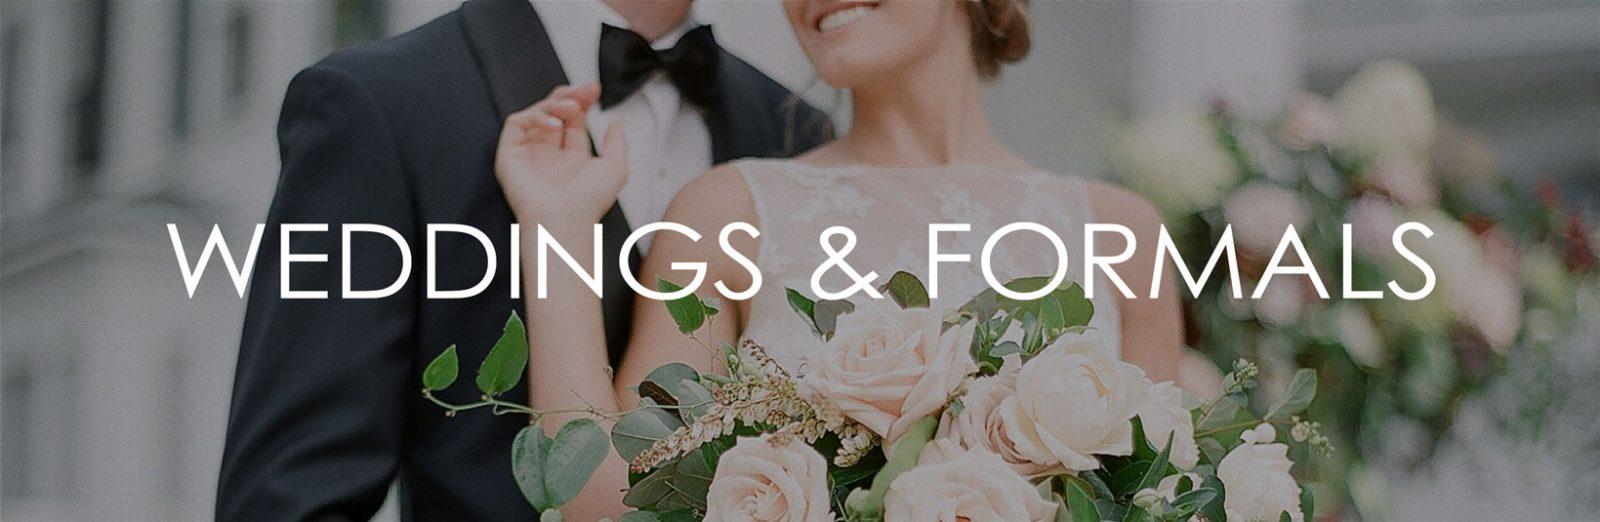 Weddings & Formal